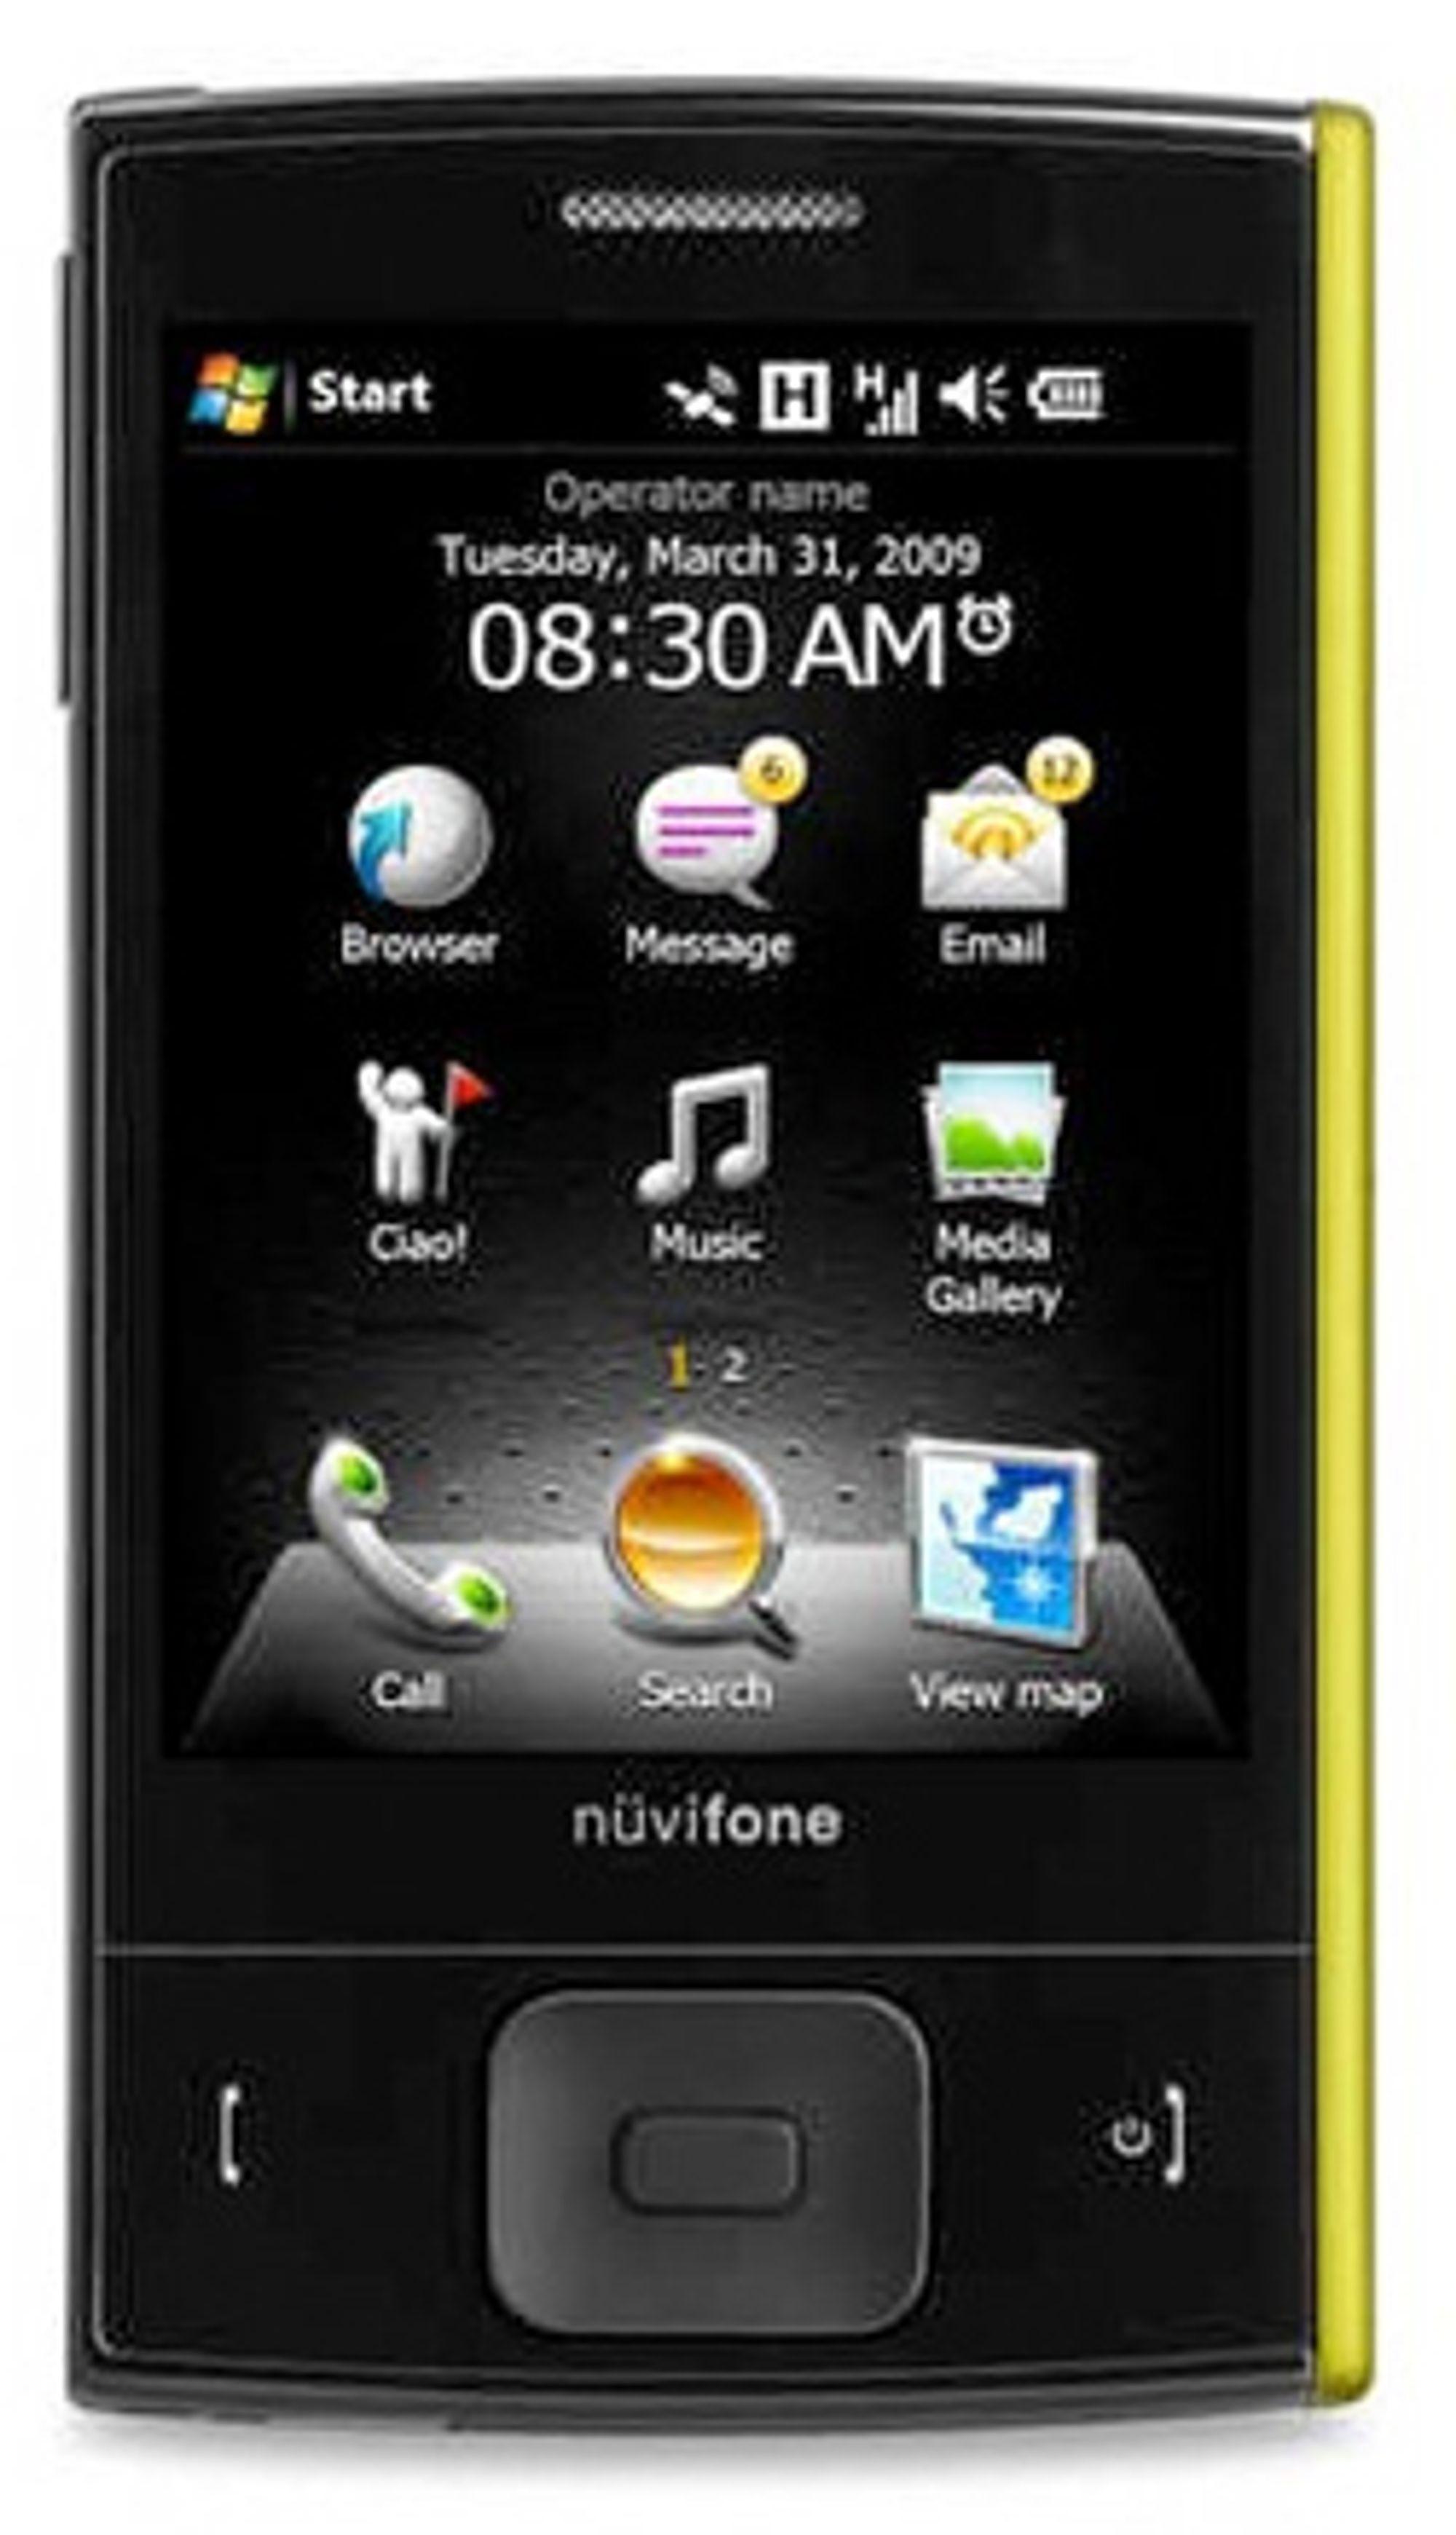 Menysystemet er egetutviklet, og ligger oppå Windows Mobile.